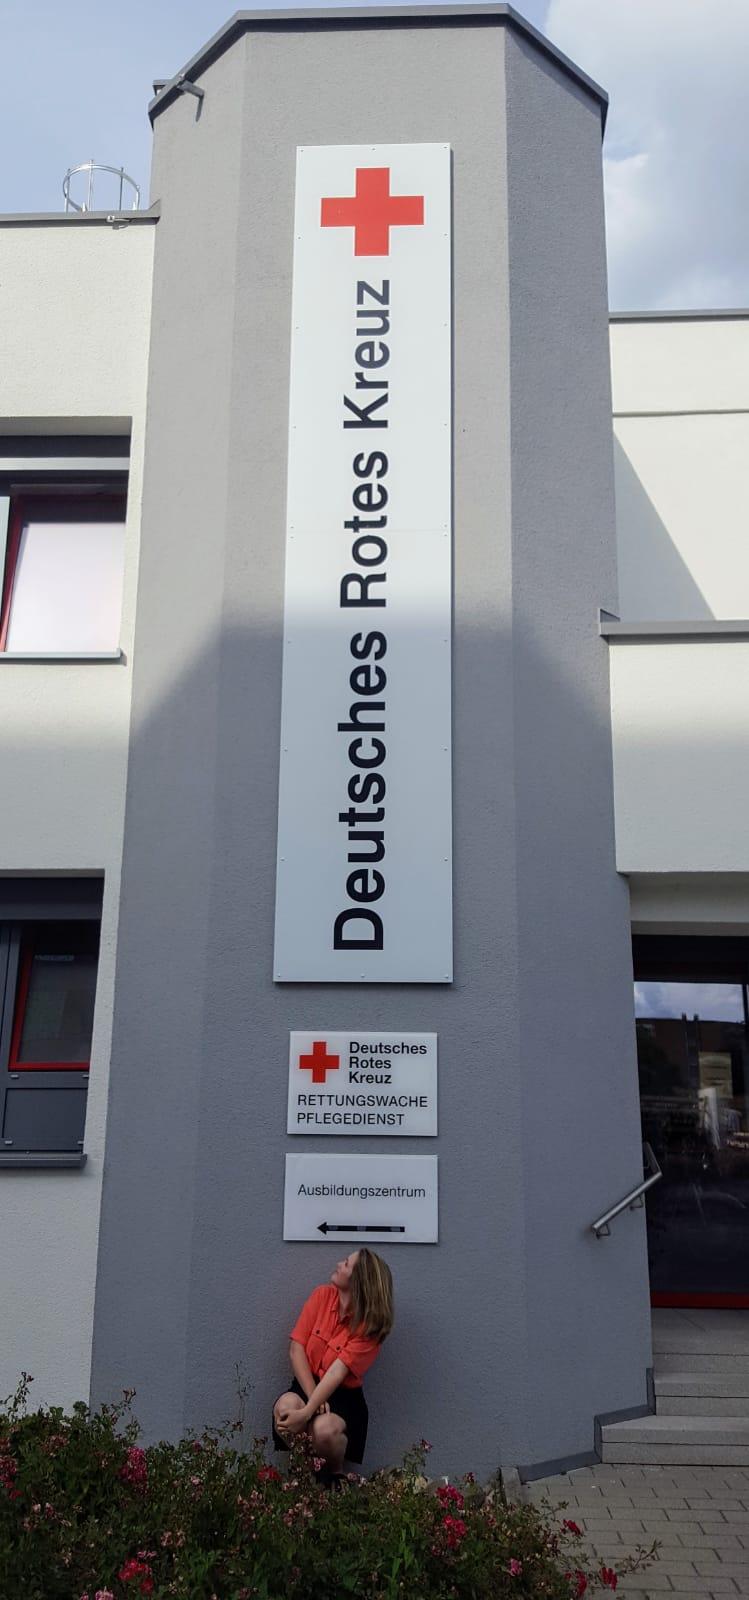 Haupteingang DRK Ausbildungszentrum Heilbronn